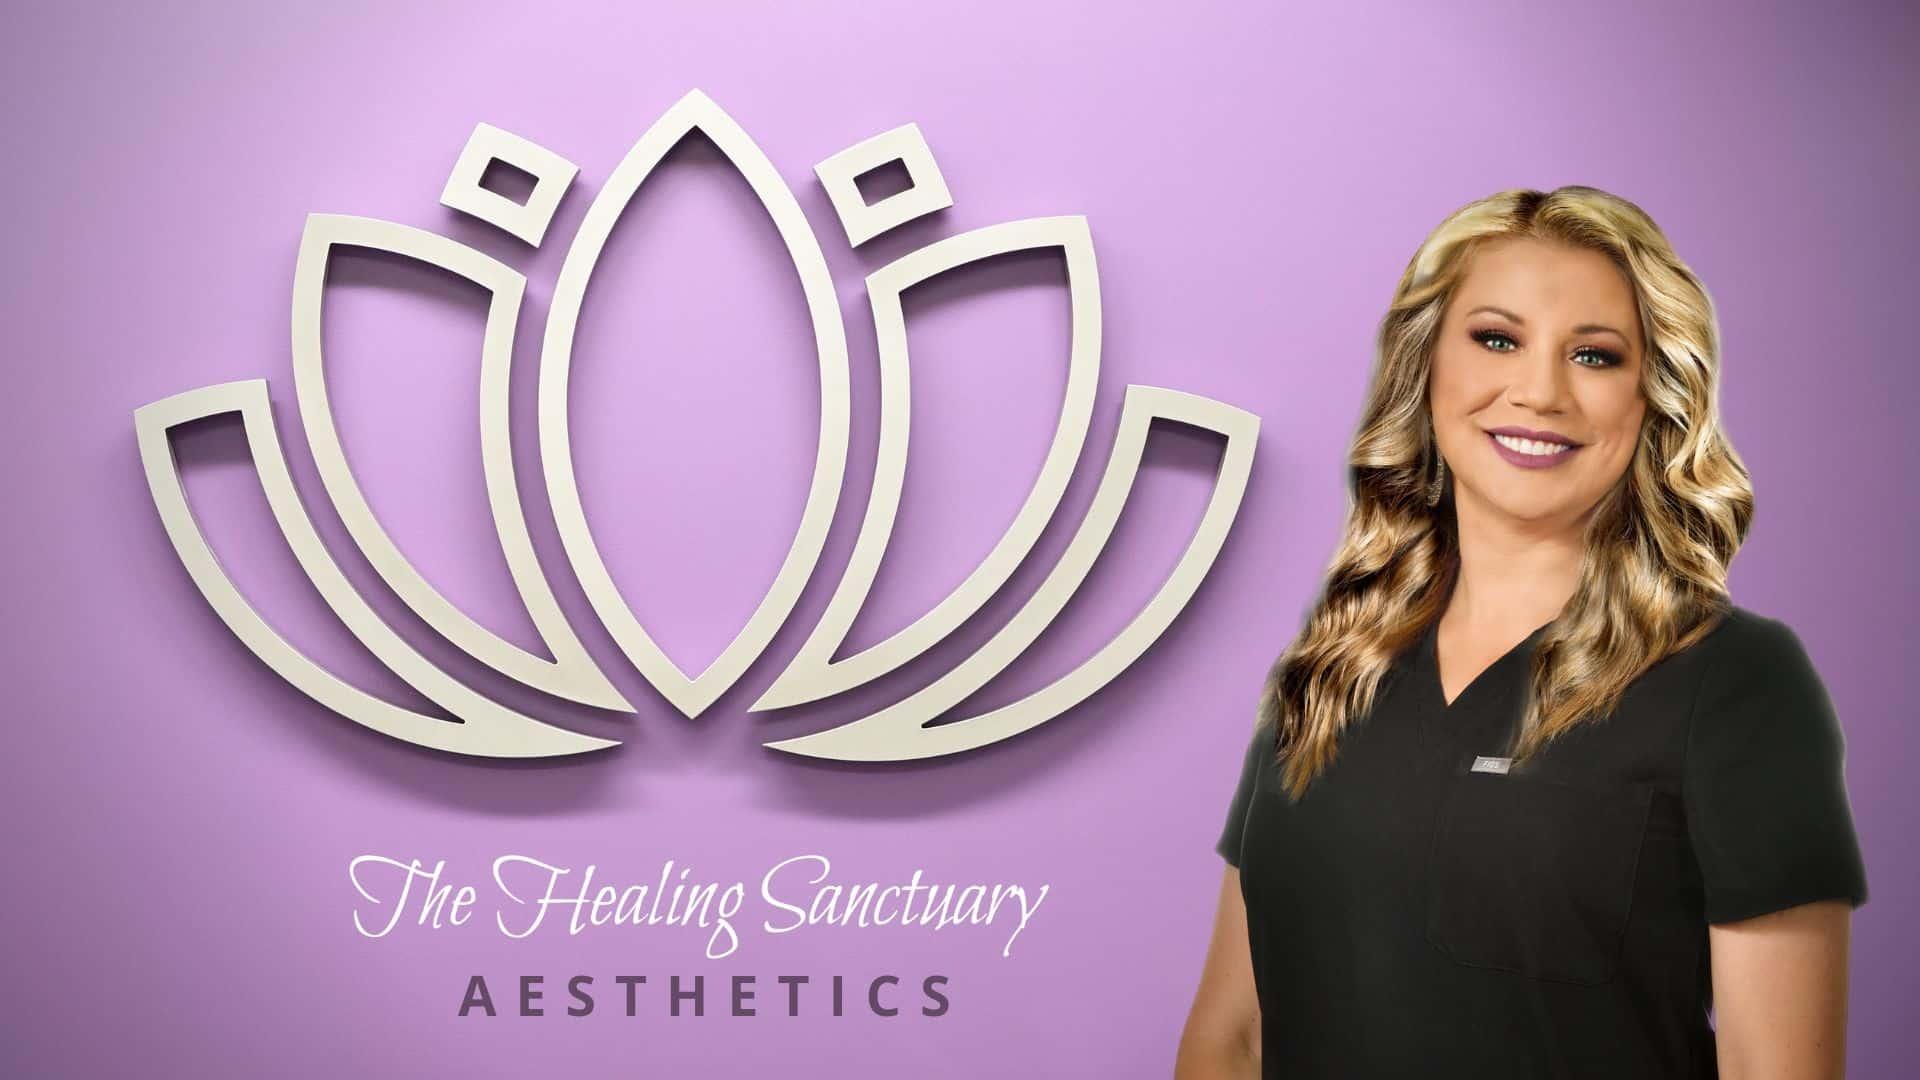 Aesthetics at Idaho Falls The Healing Sanctuary